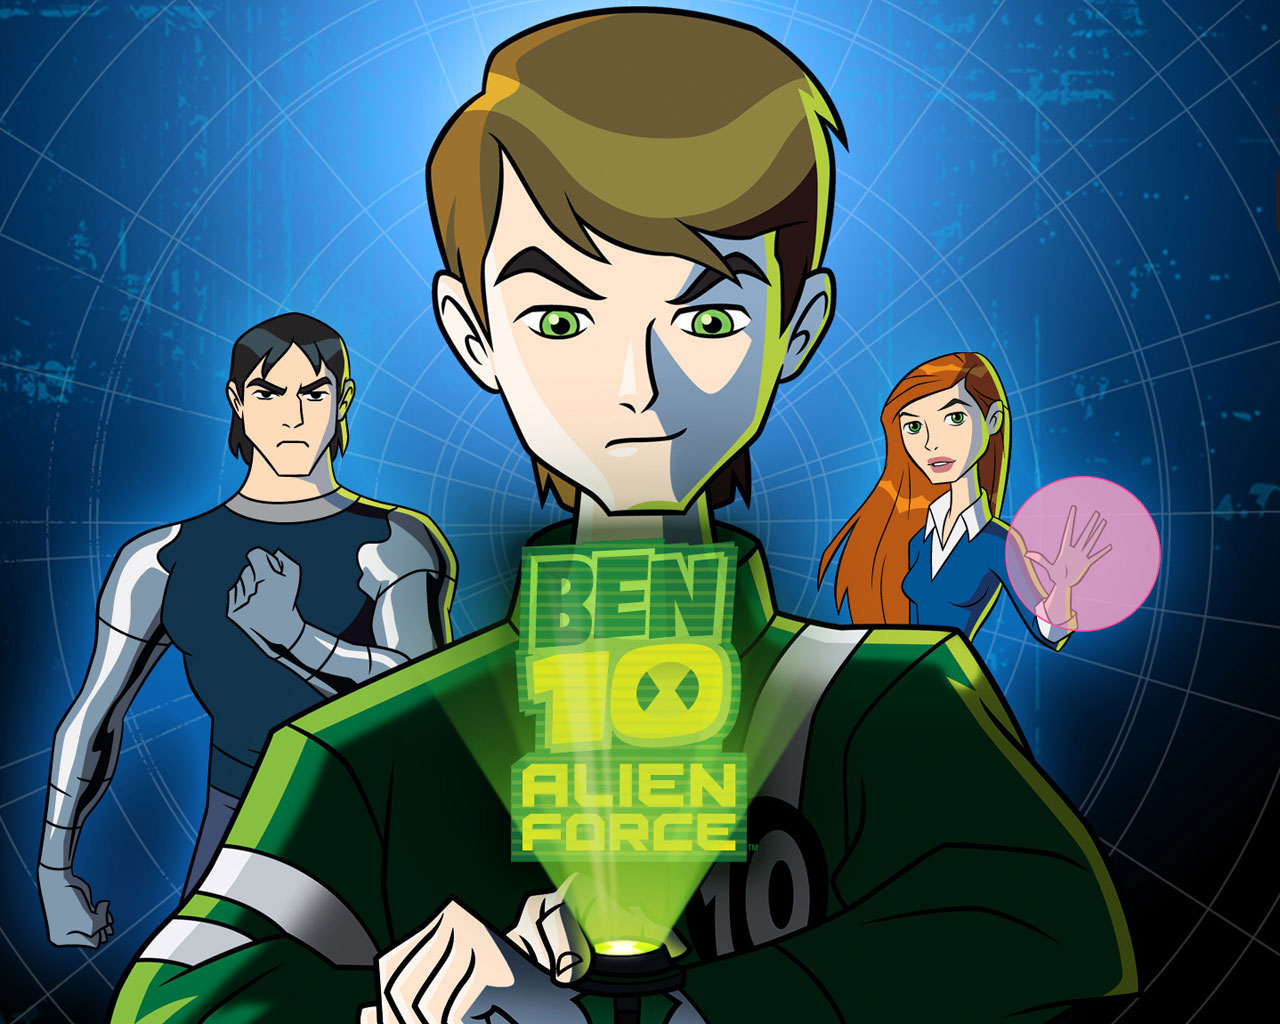 Ben 10 alien force toonami wiki fandom powered by wikia - Ben 10 images ...